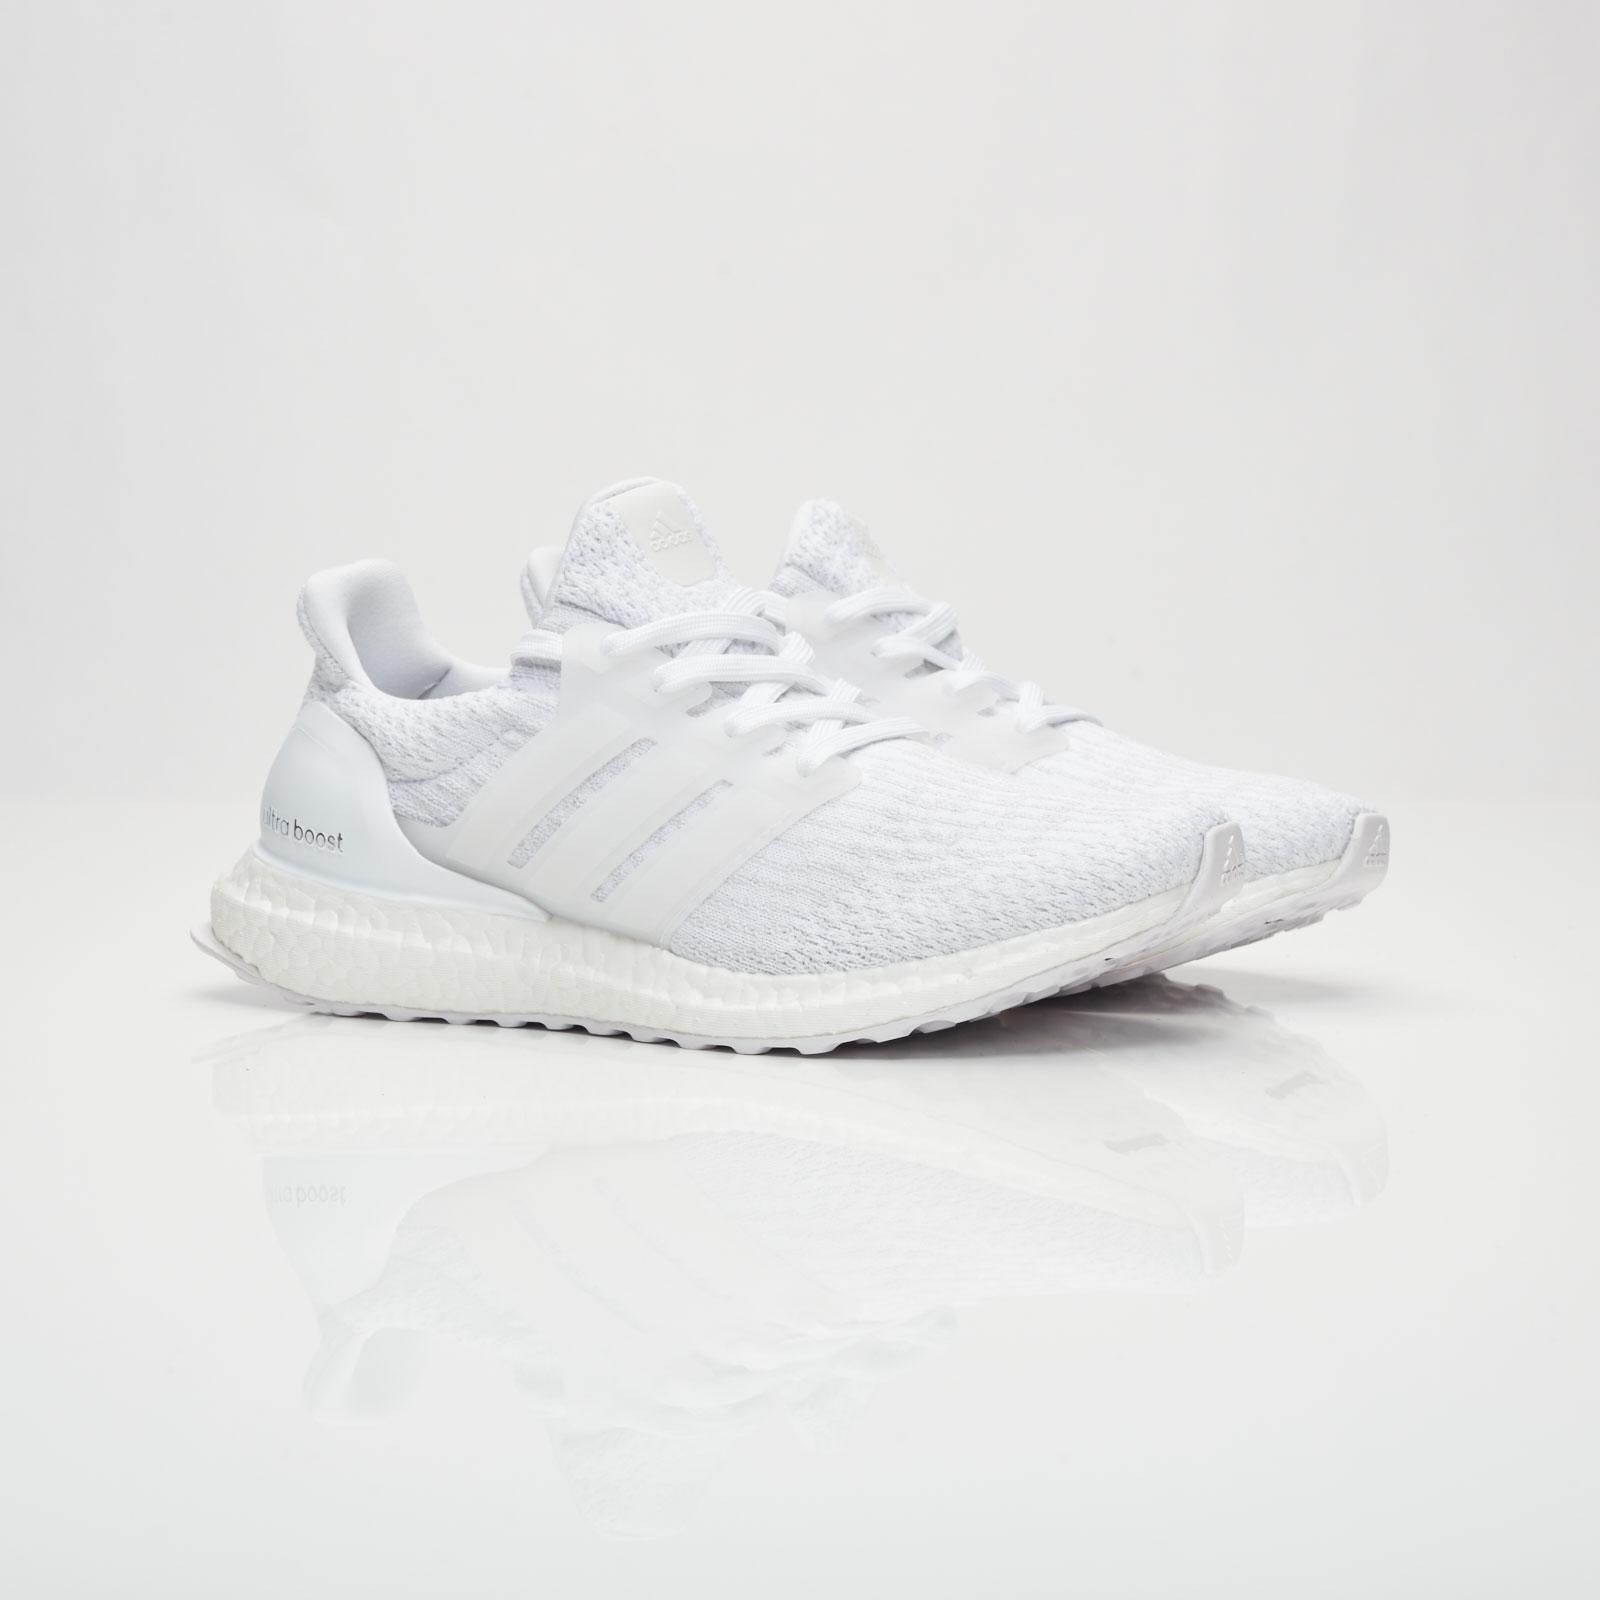 1393cf28d6406 adidas UltraBOOST W - Ba7686 - Sneakersnstuff